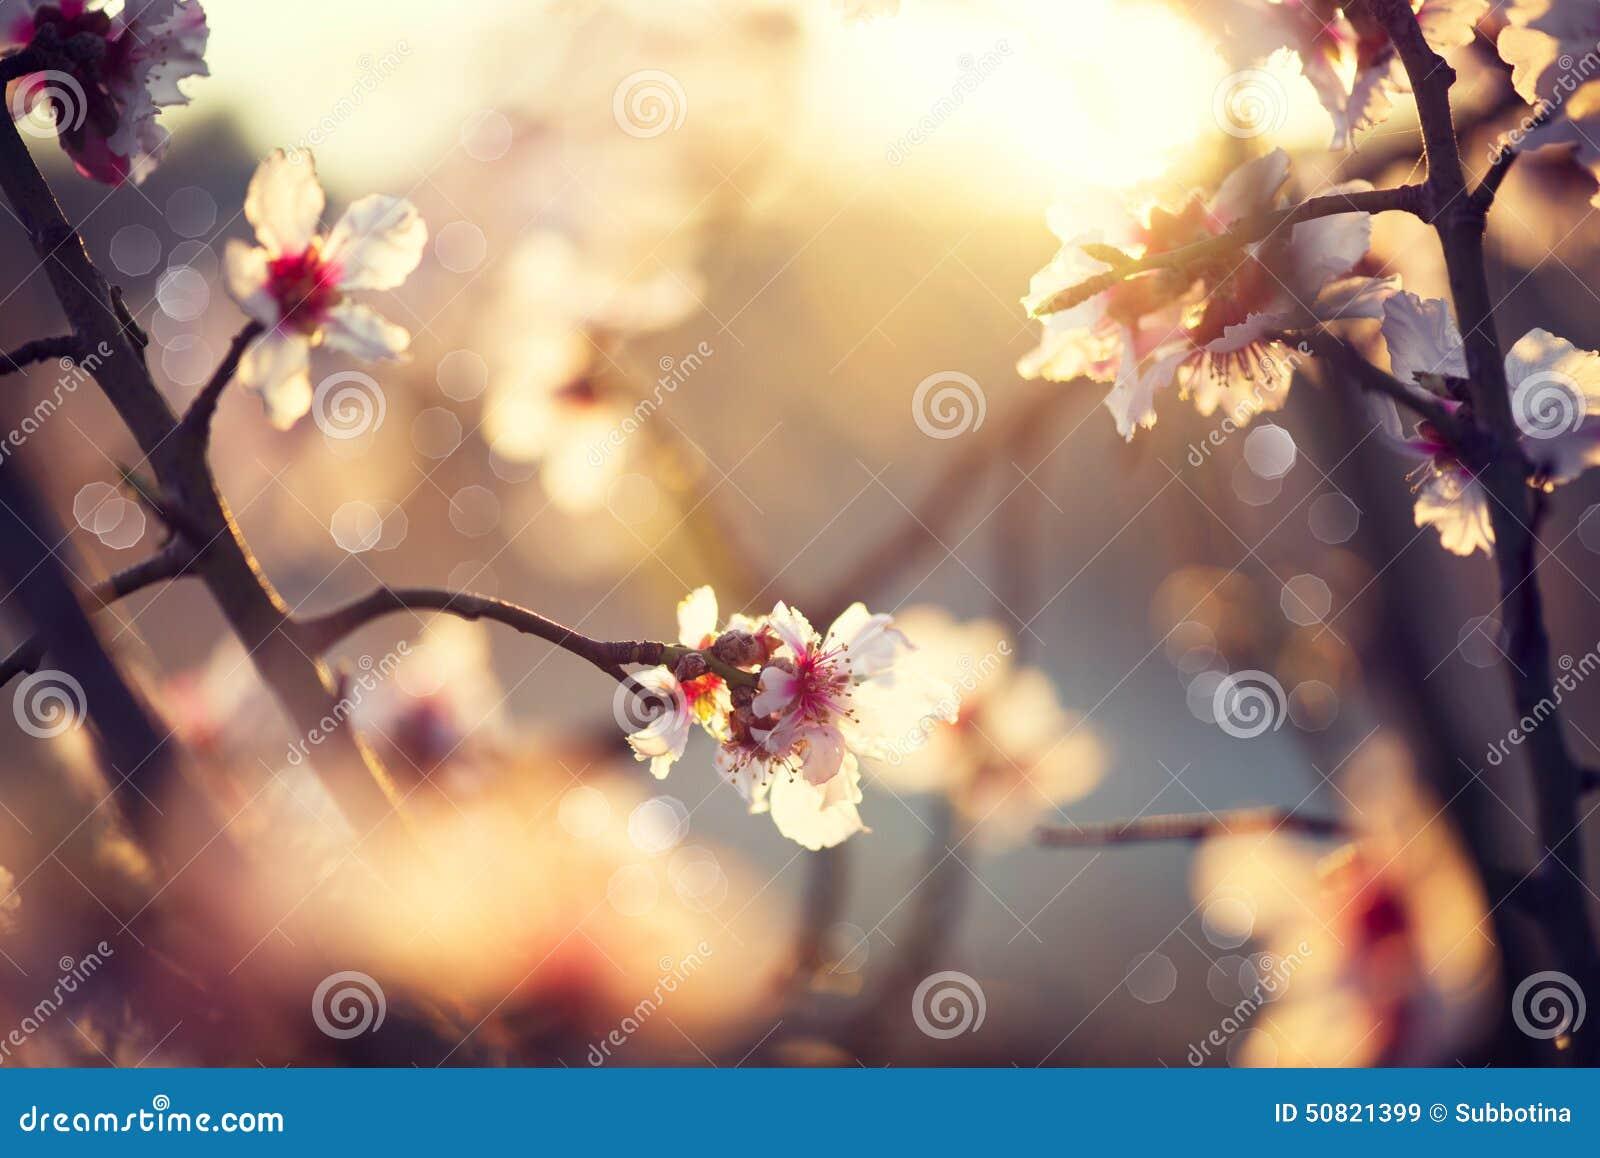 Schöne Naturszene mit blühendem Baum